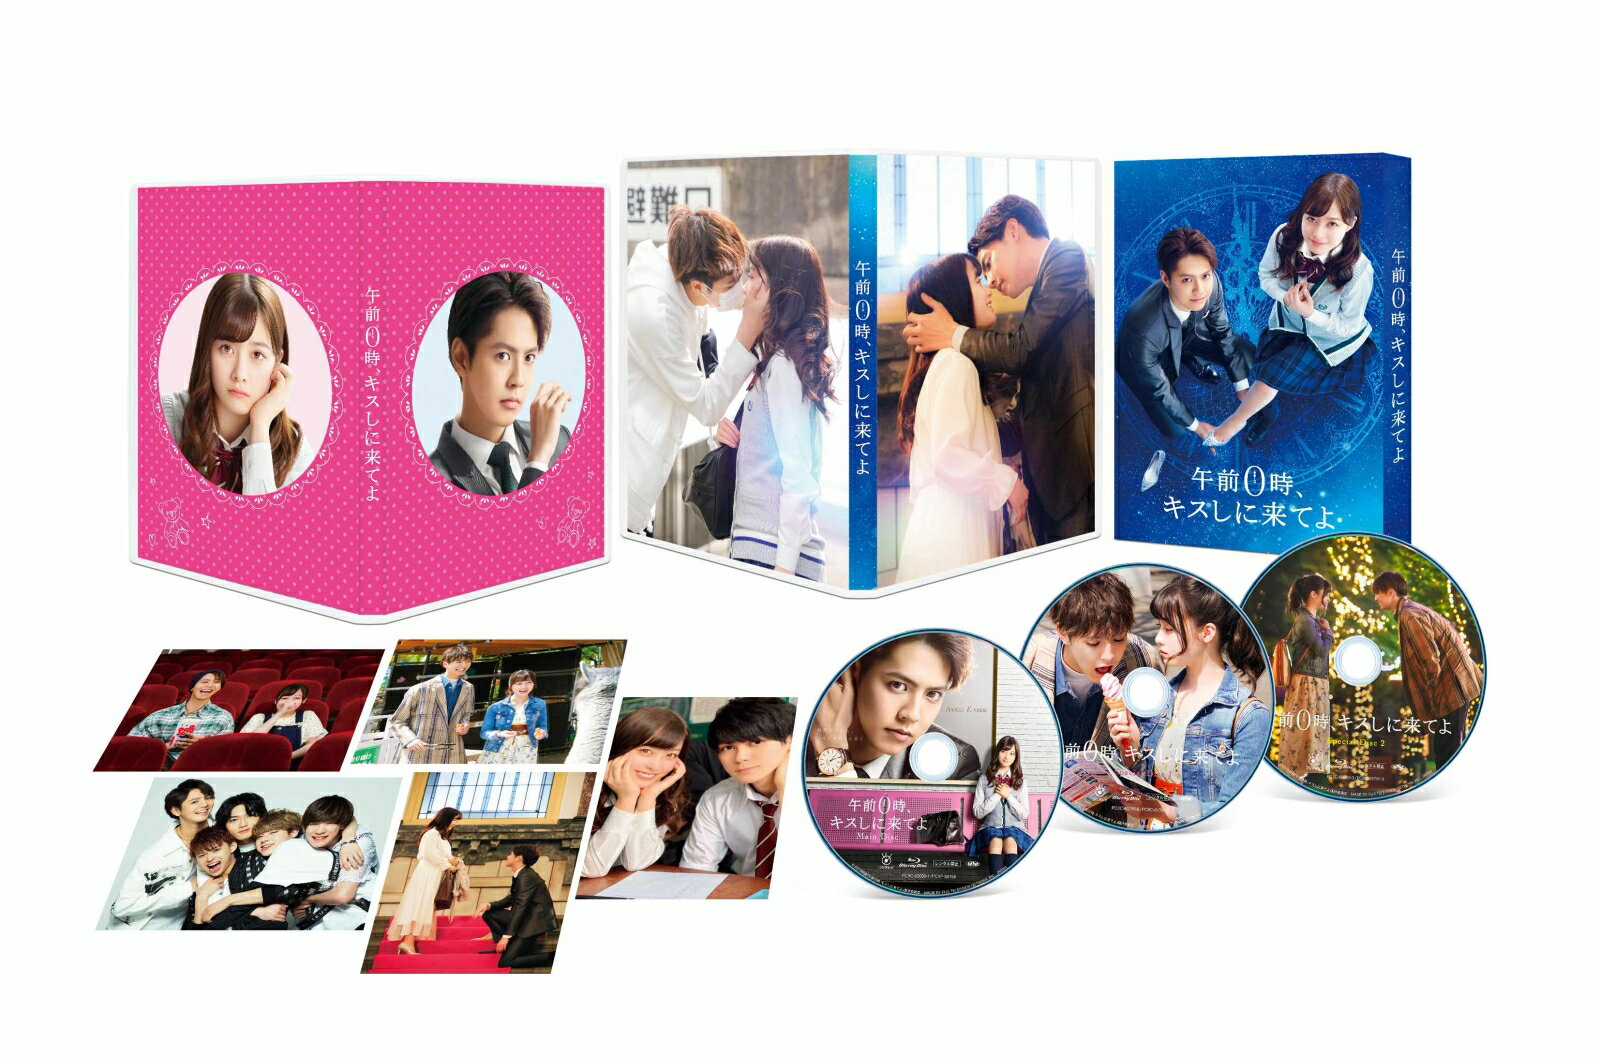 午前0時、キスしに来てよ スペシャル・エディション【Blu-ray】